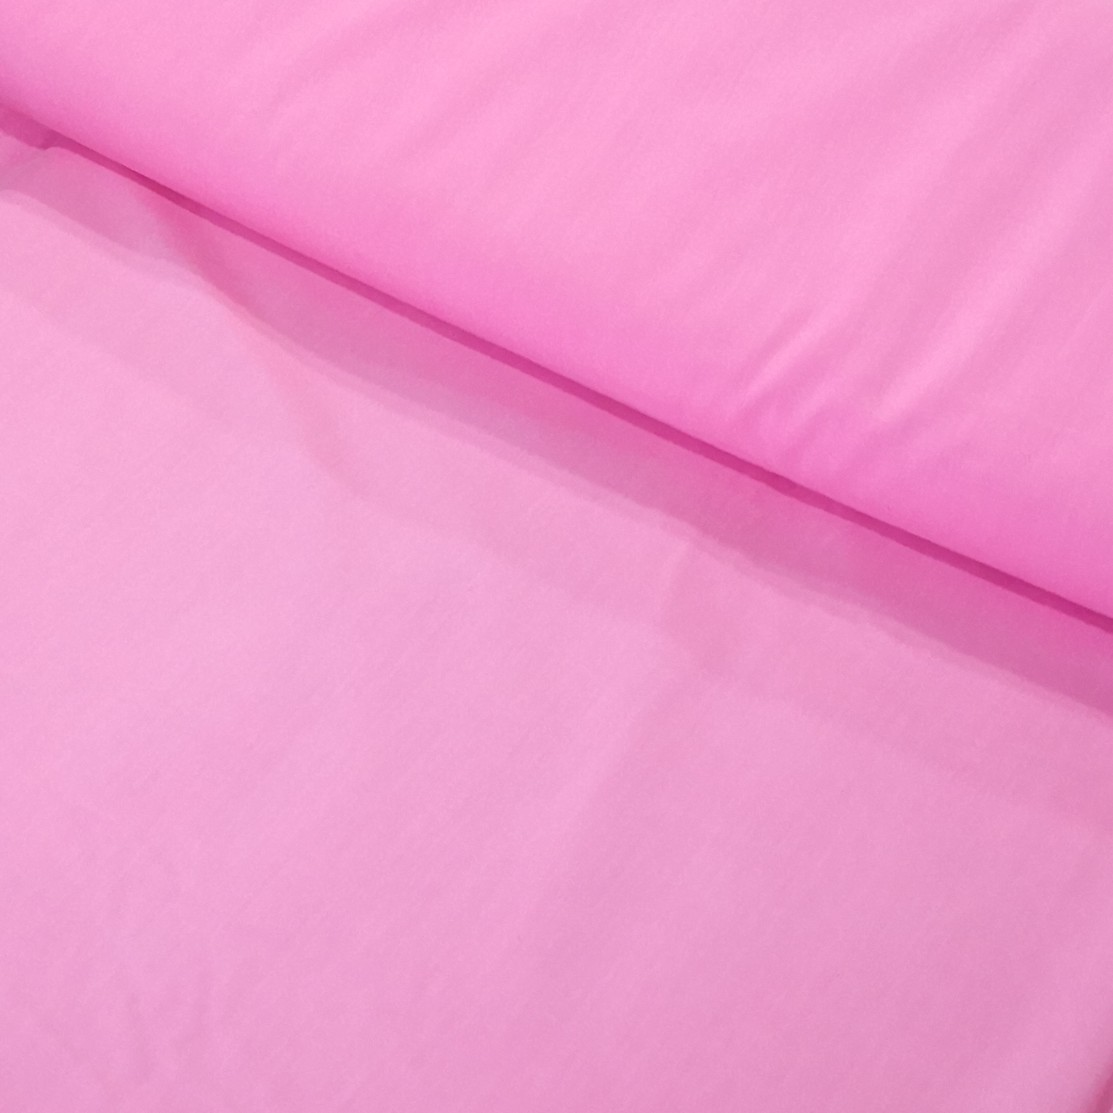 پارچه متری تترون رنگی عرض 150 سانتیمتر